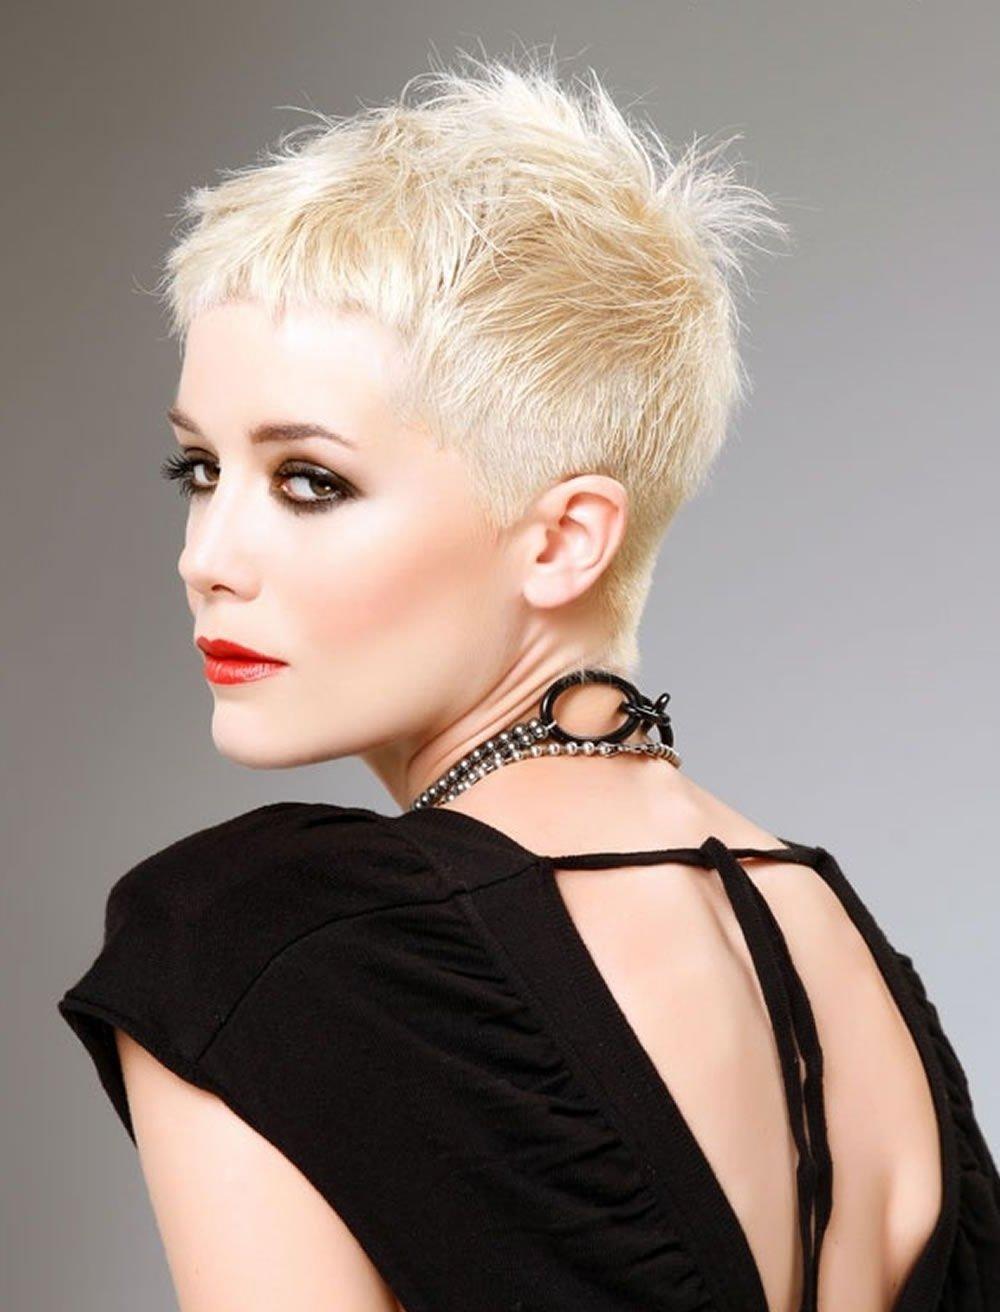 Поэтому мы готовы представить вашему вниманию подборку фото самых лучших средних стрижек для женщин года и предлагаем узнать более подробно о видах стрижки на средние волосы, которые сейчас наиболее популярны.